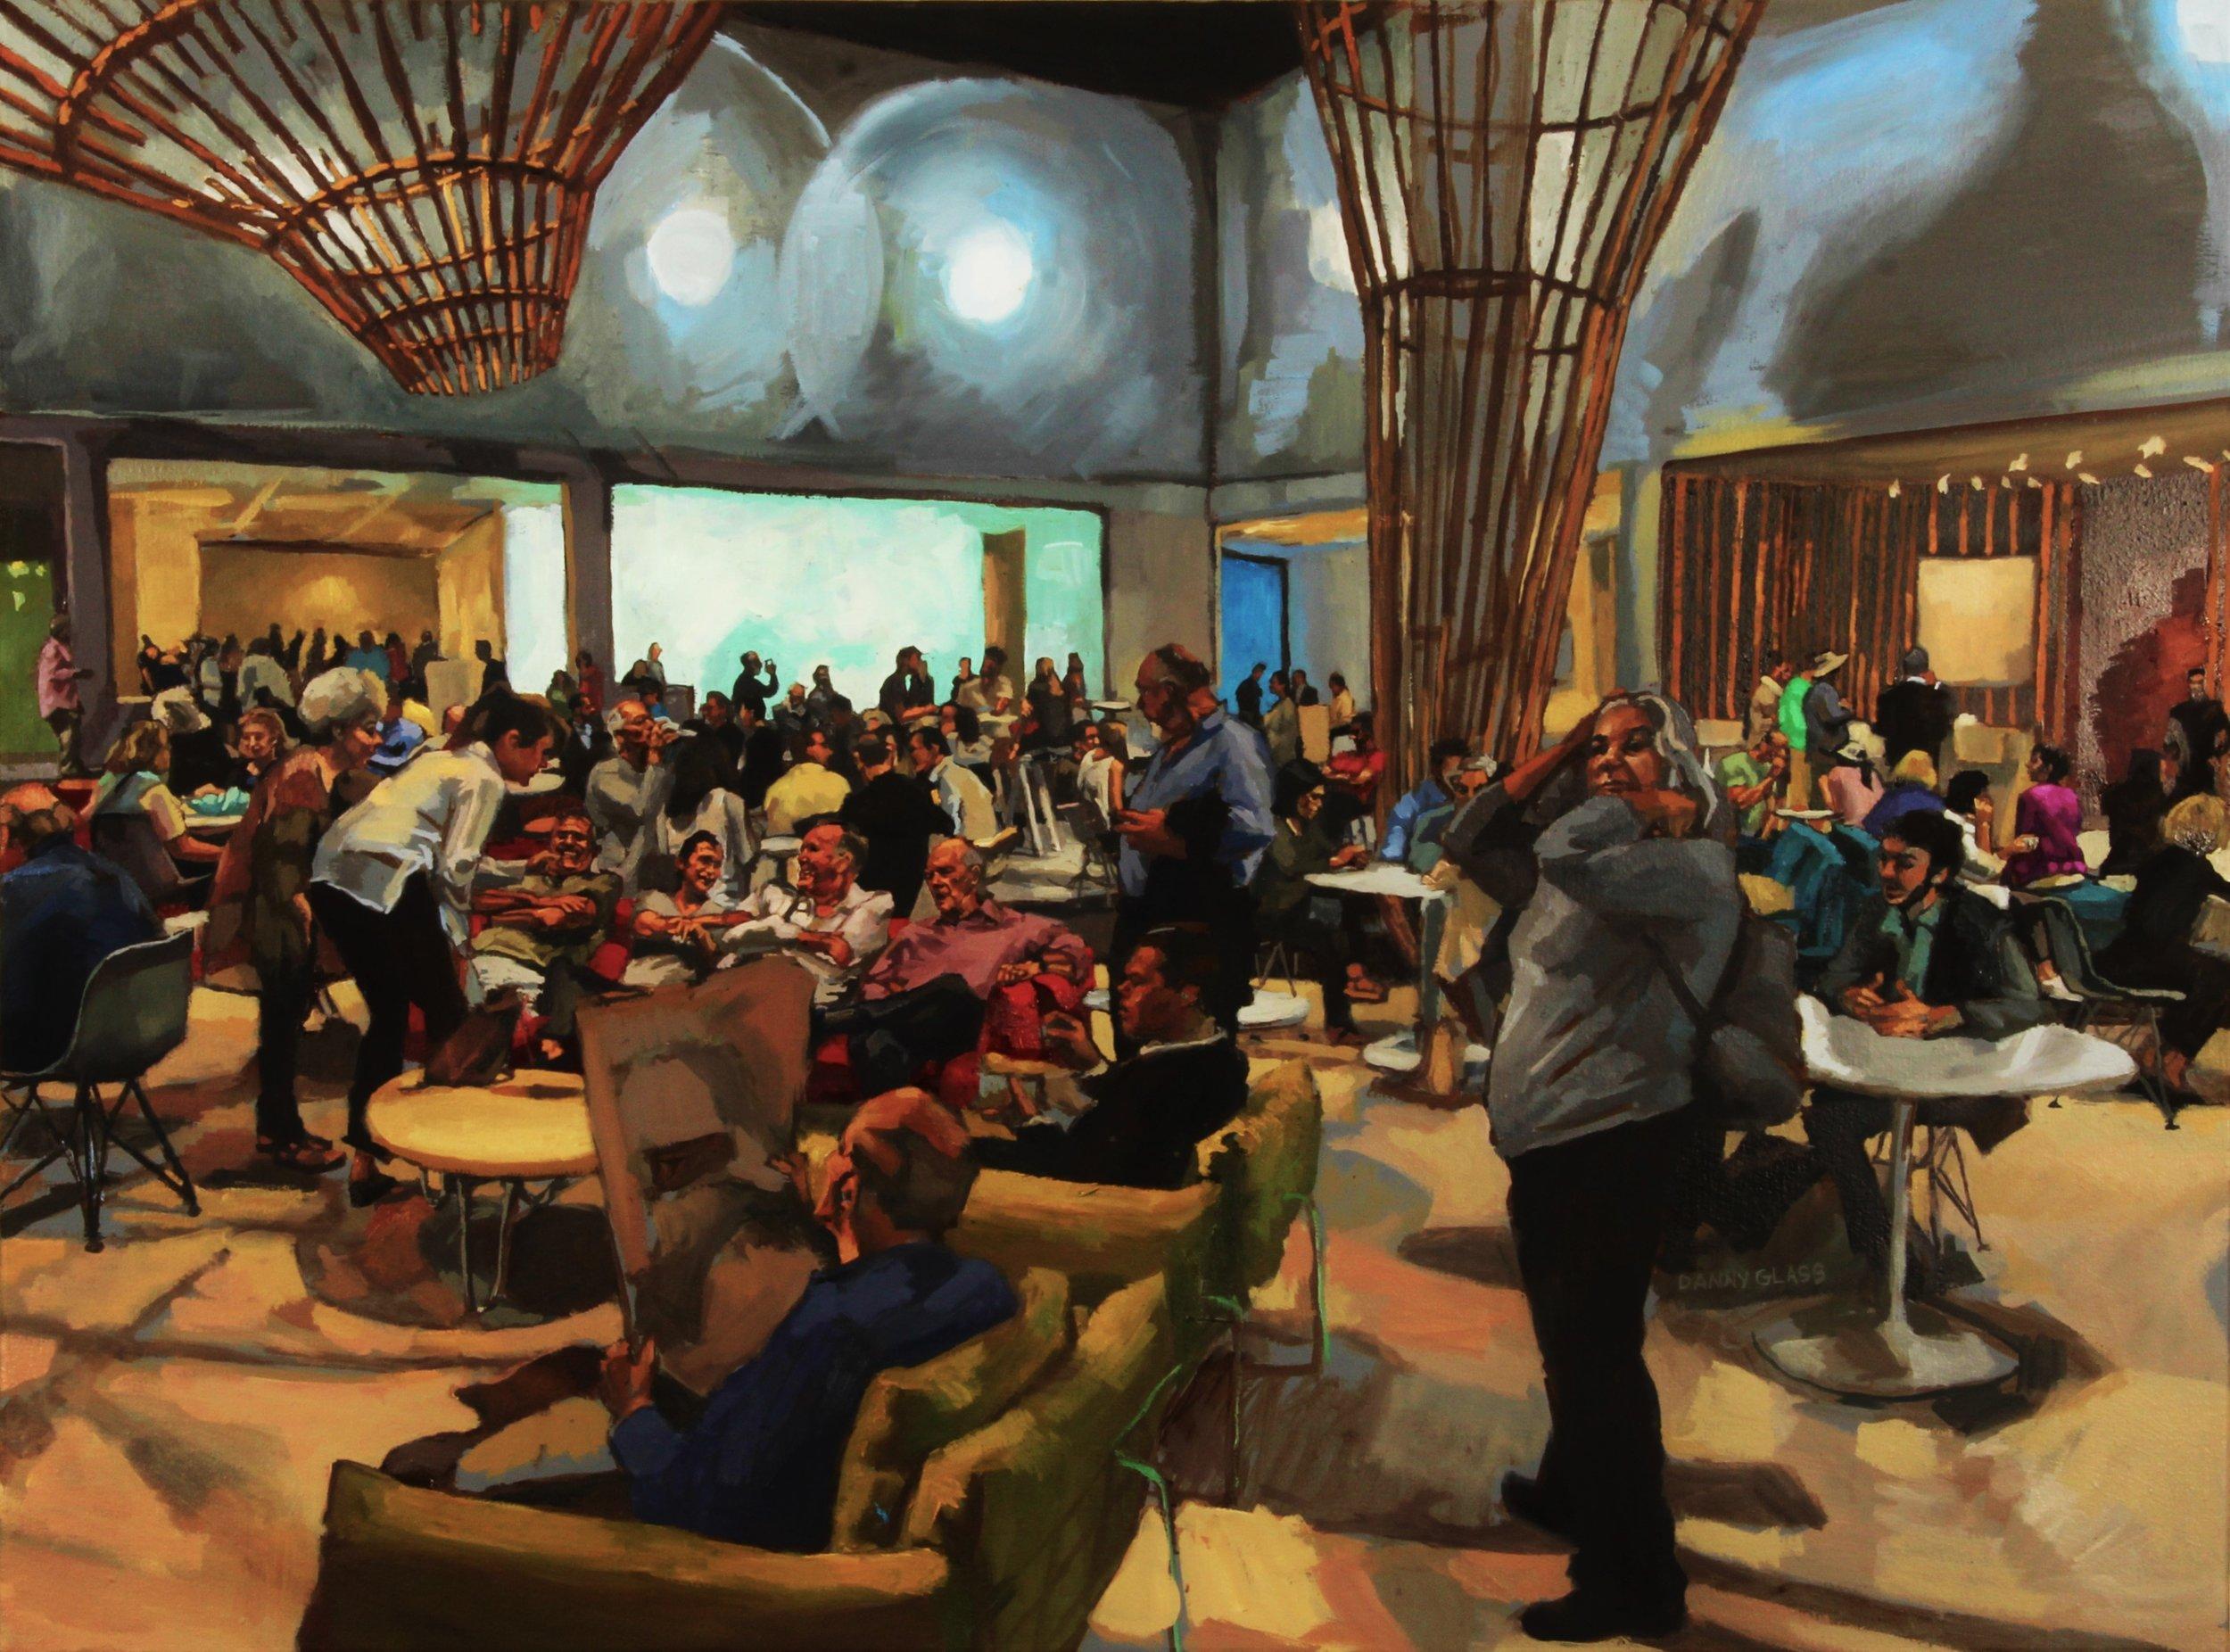 VIP Room at Basel Miami